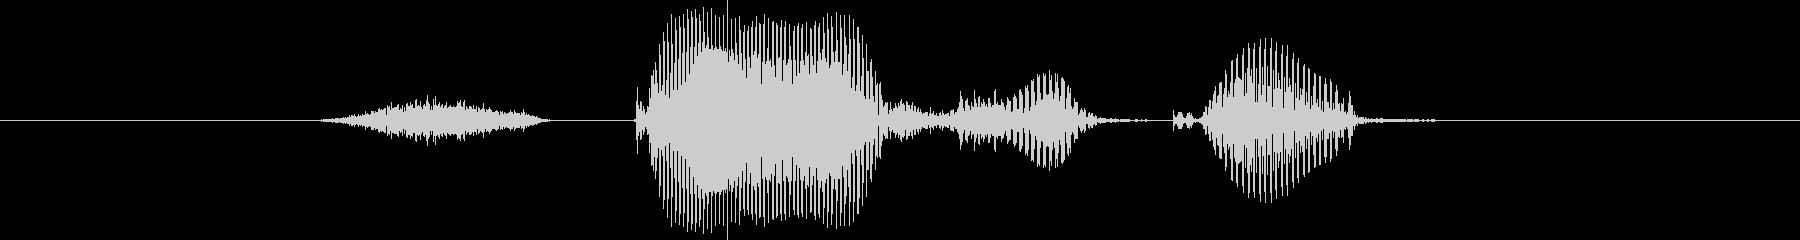 ステージ5(ご)の未再生の波形